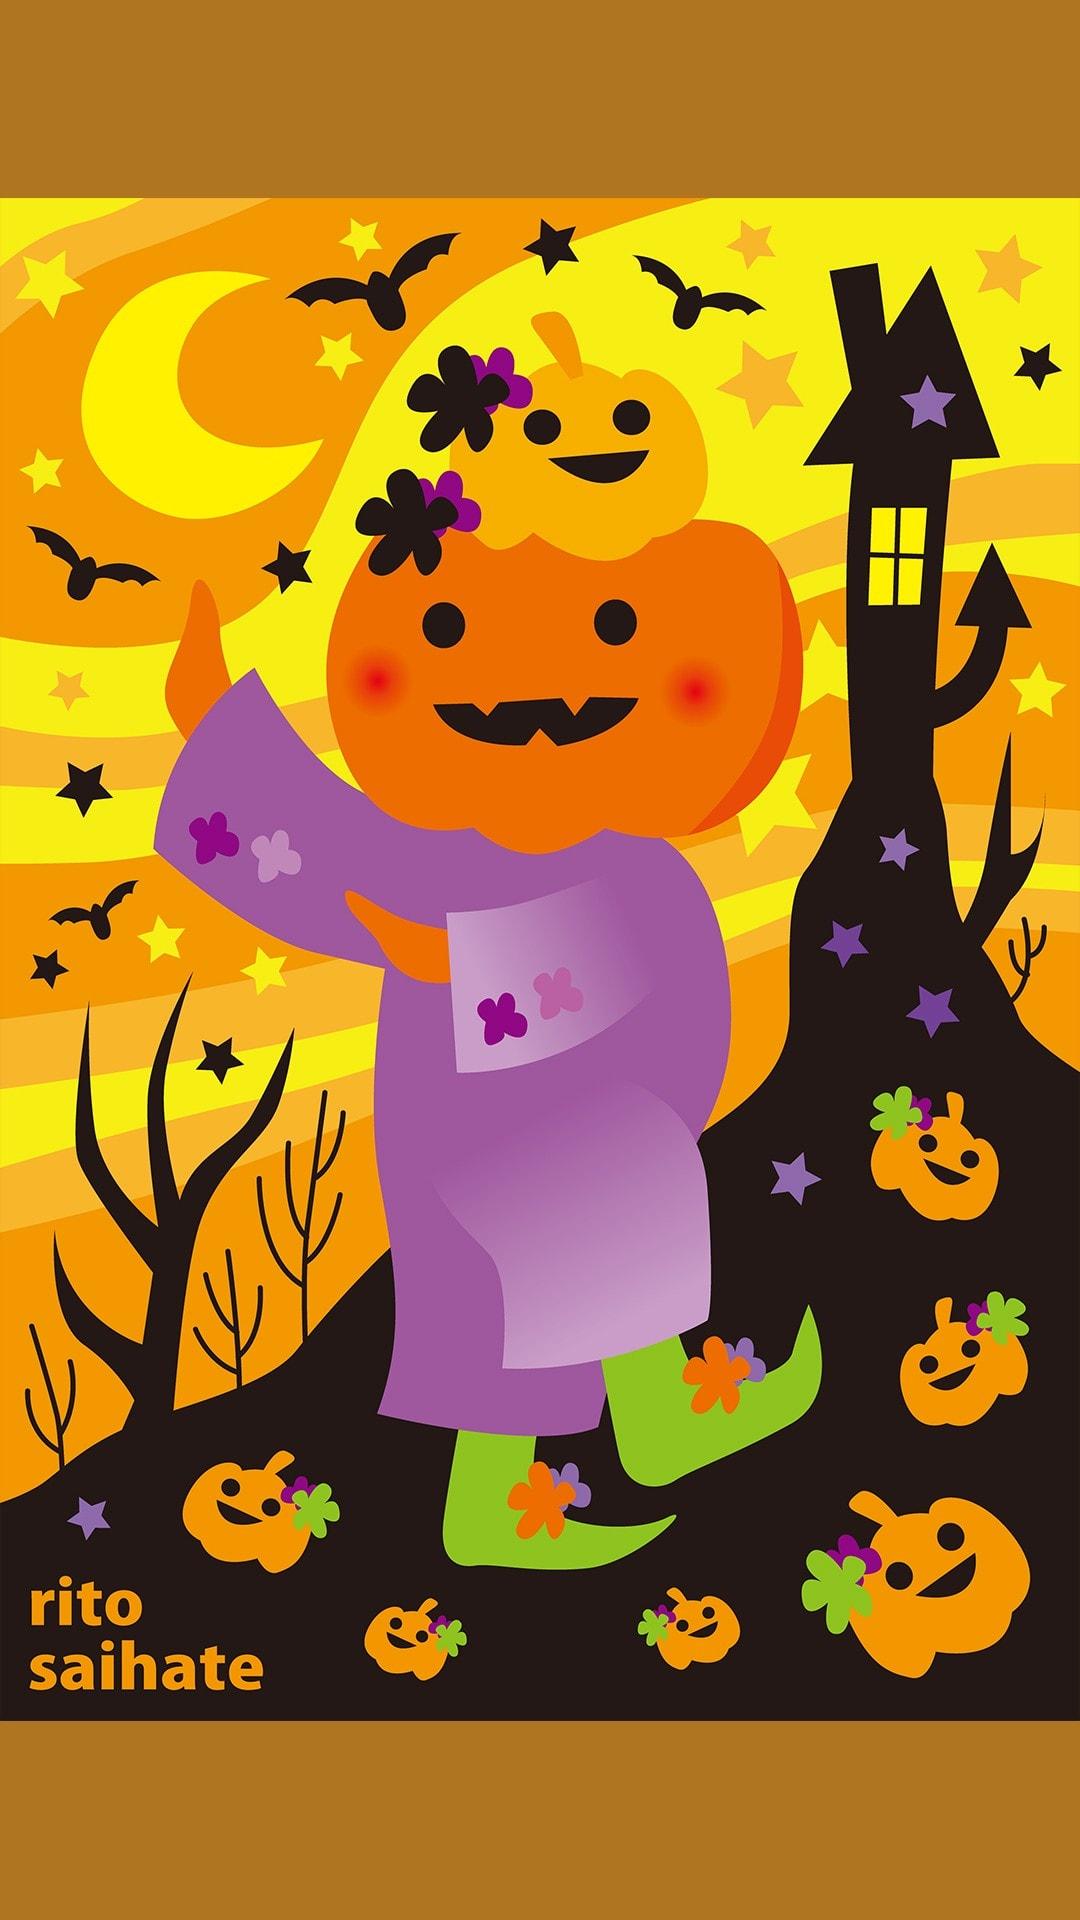 18年10月26日ハロウィン待受 壁紙 さいはてりとのギャラリー